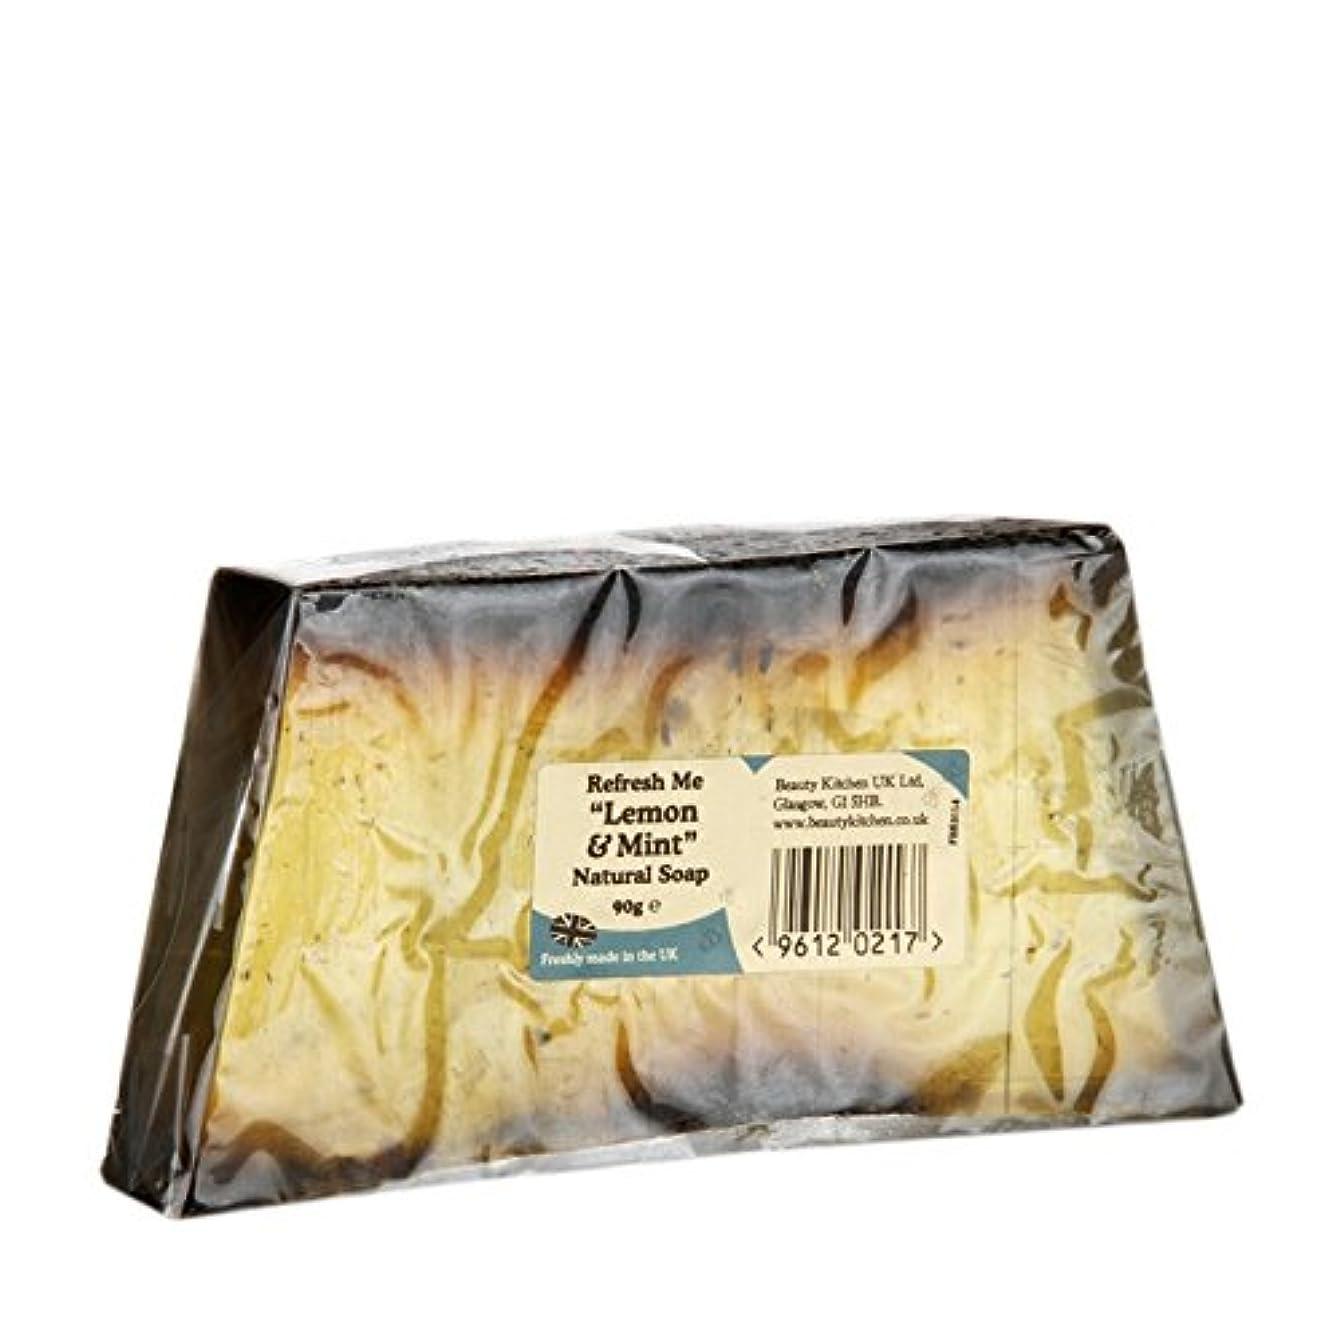 振動させるパーク失態美しさのキッチンは私にレモン&ミントの天然石鹸90グラムを更新します - Beauty Kitchen Refresh Me Lemon & Mint Natural Soap 90g (Beauty Kitchen)...